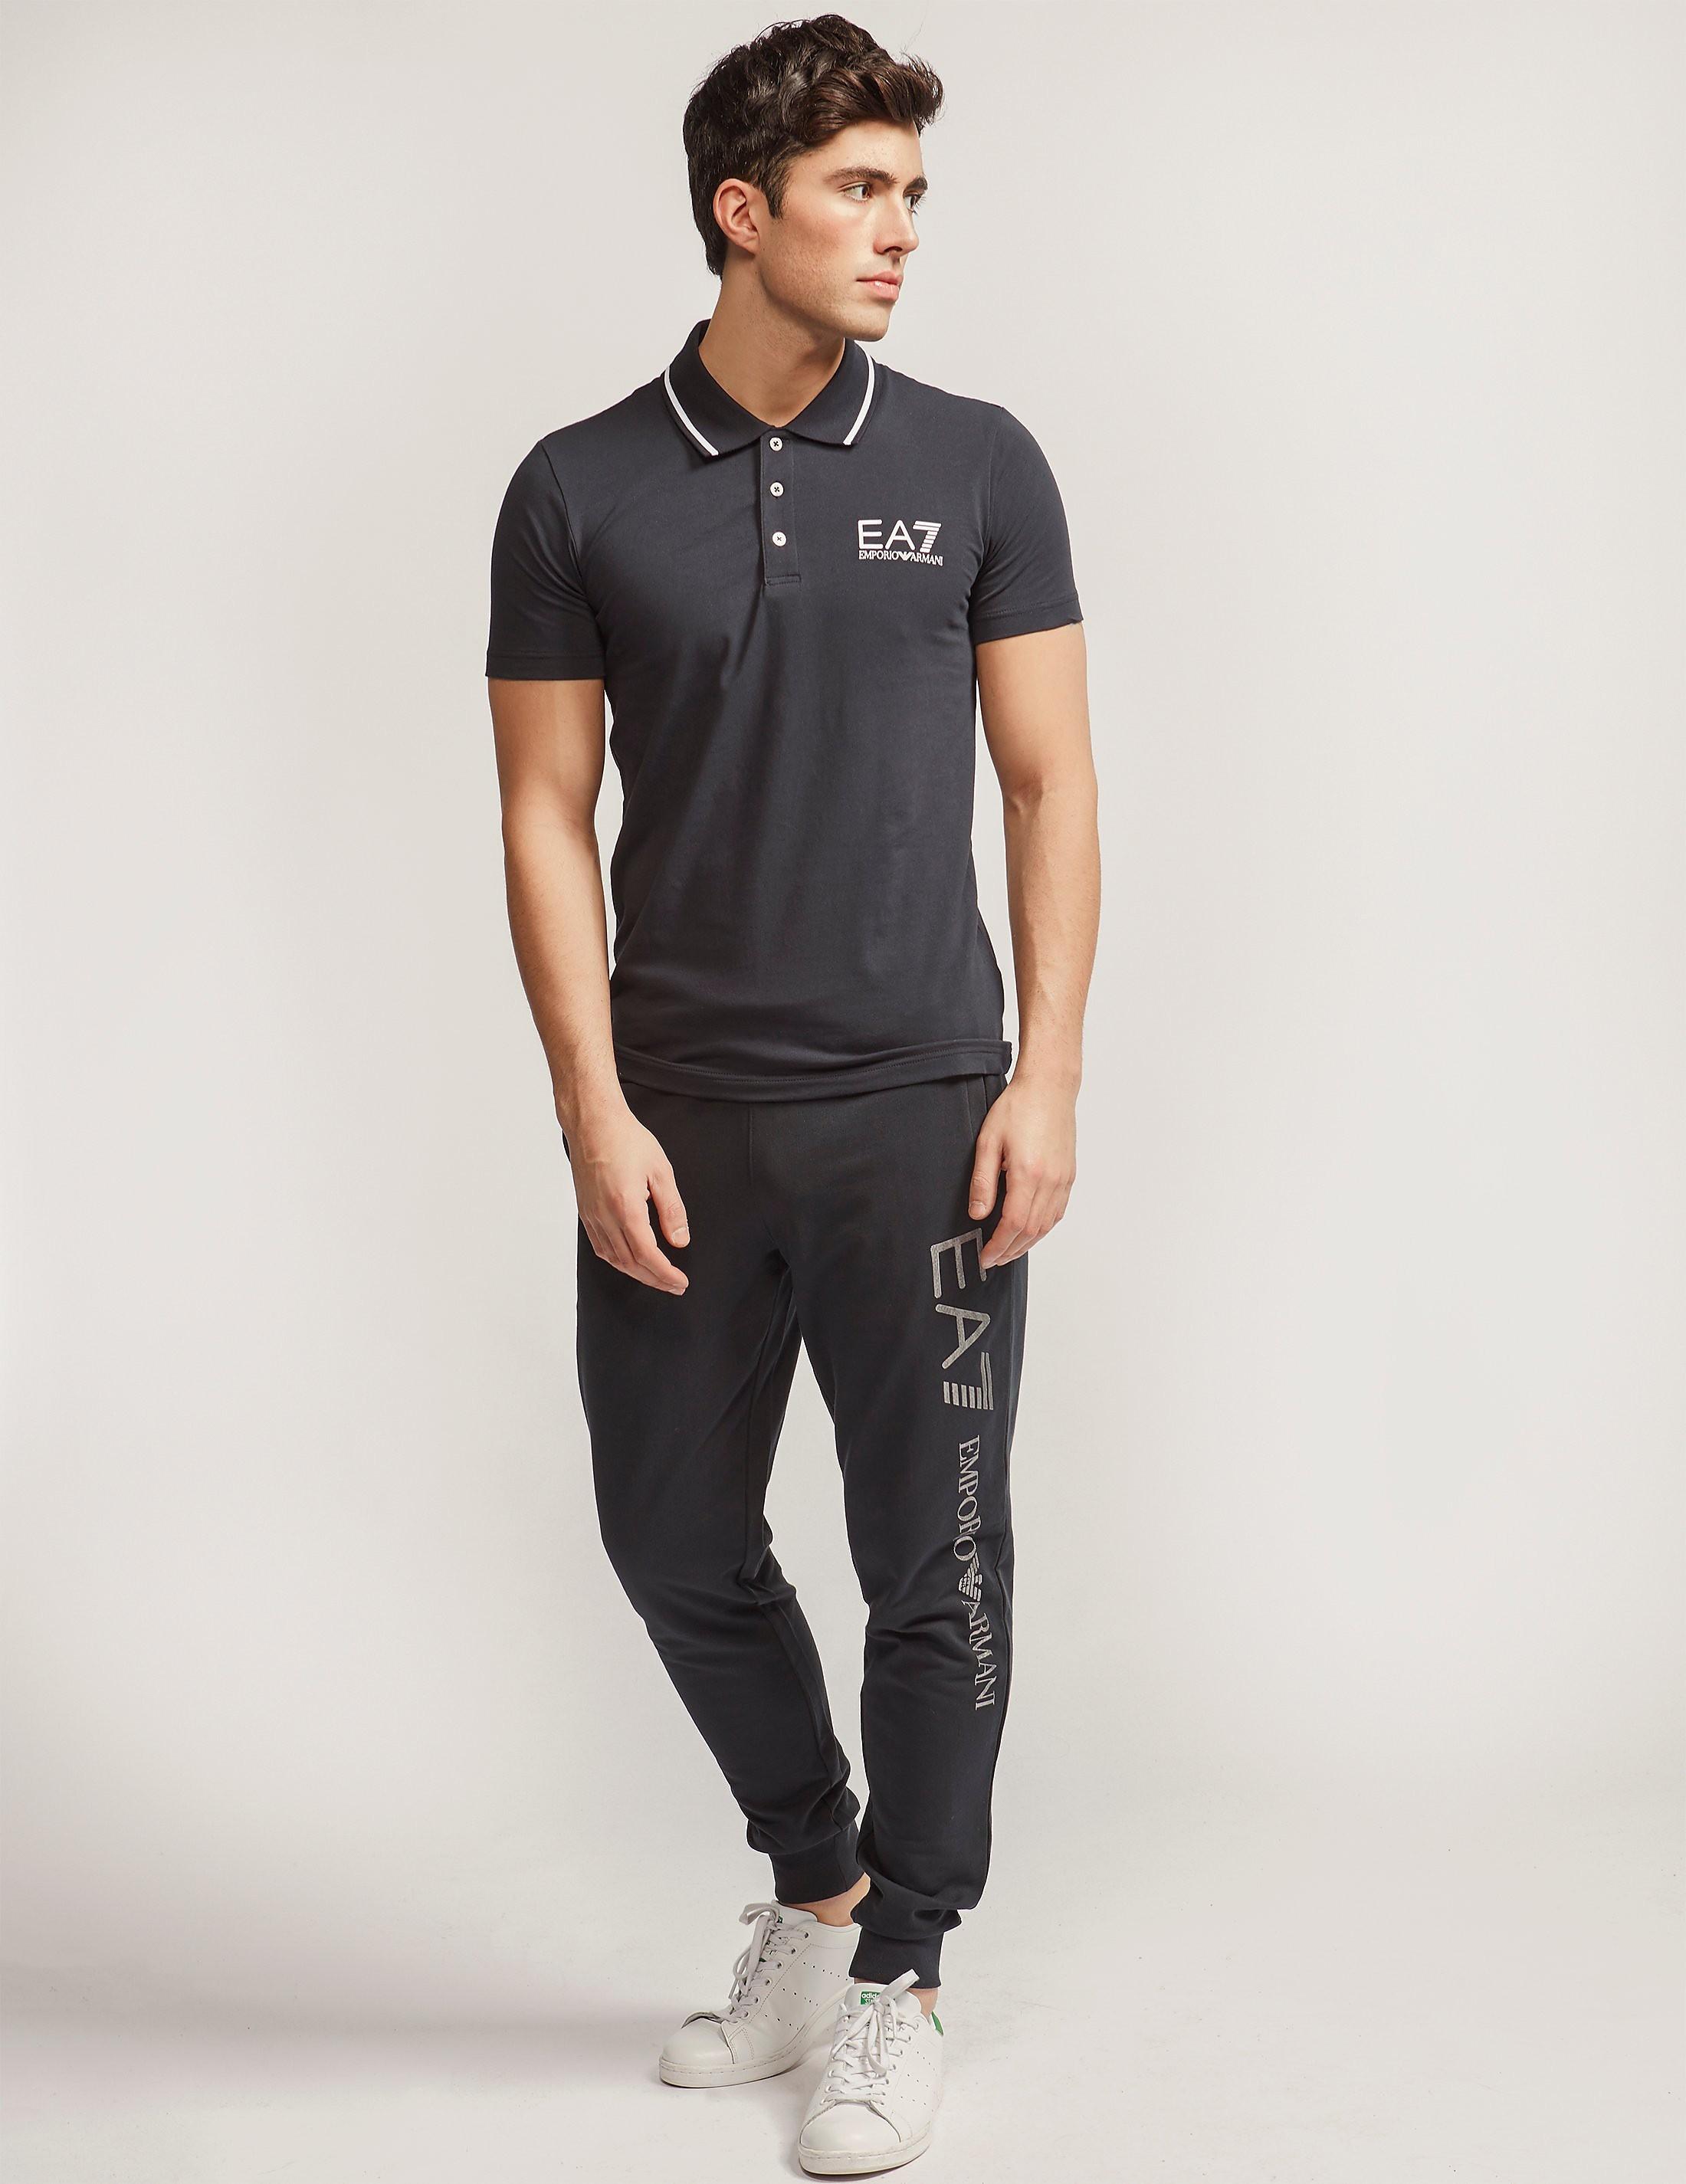 Emporio Armani EA7 Jersey Polo Shirt